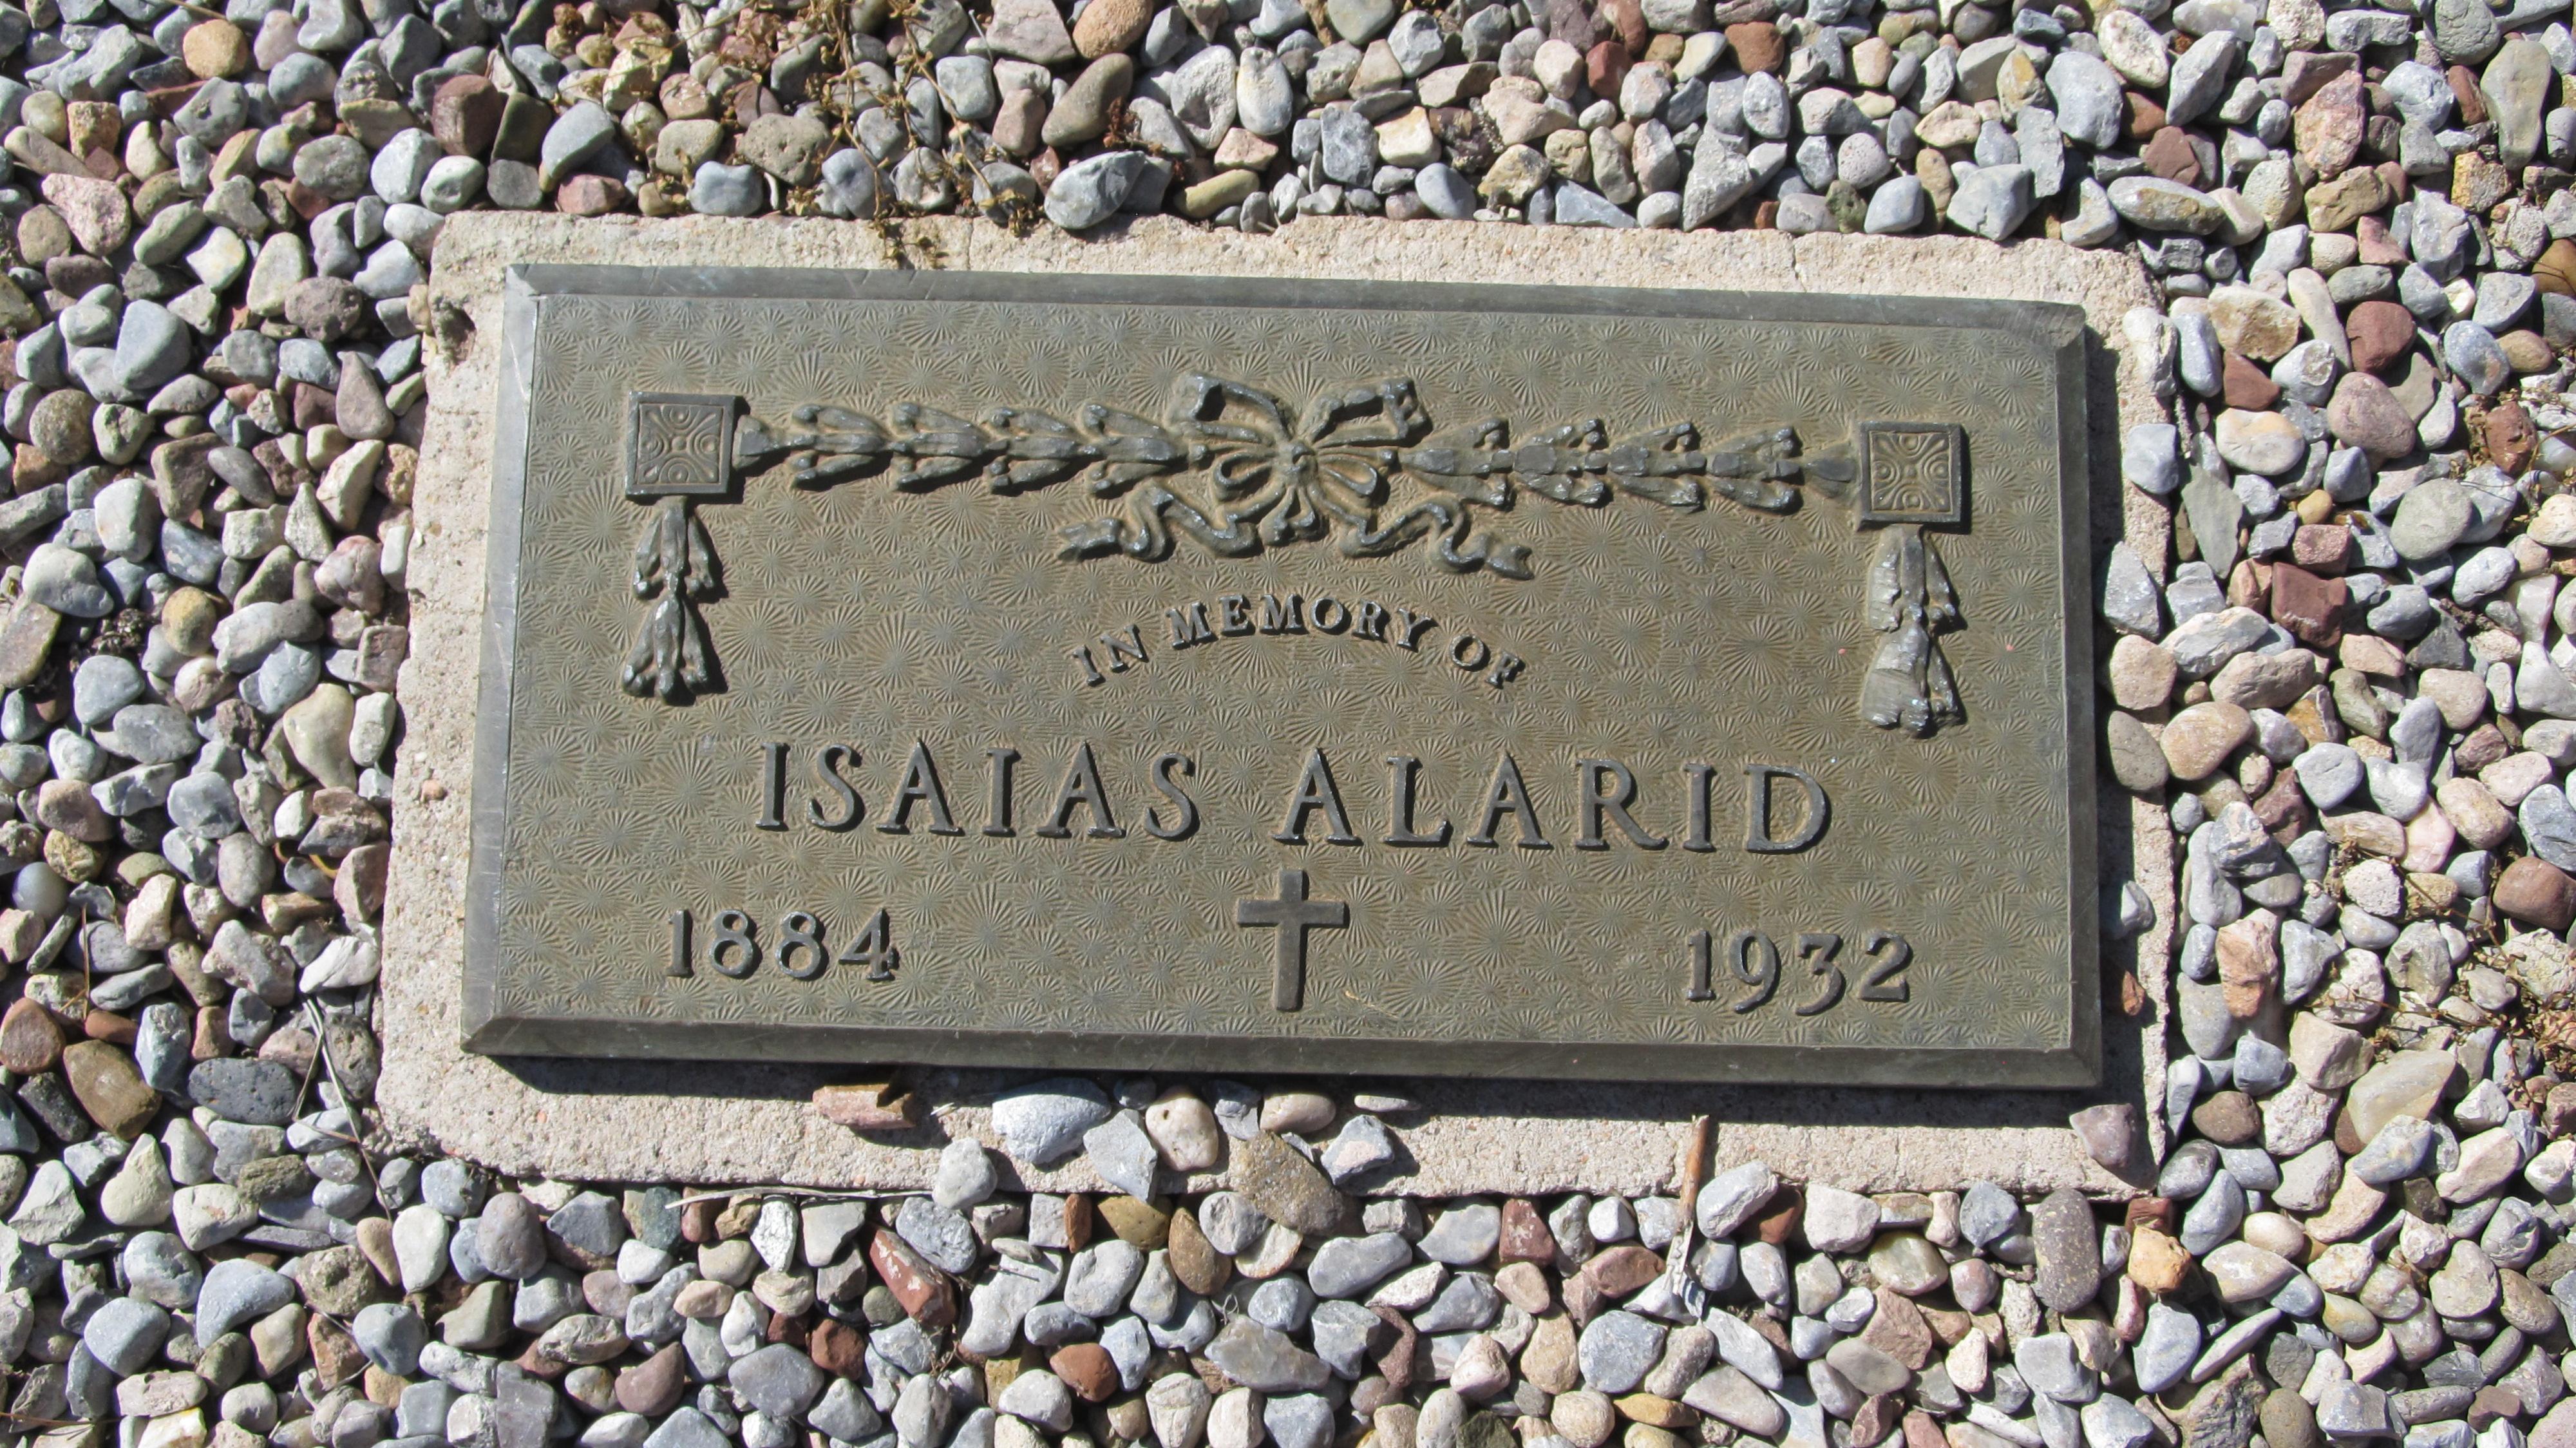 Chief Deputy Isaias Alarid   Santa Fe County Sheriff's Office, New Mexico